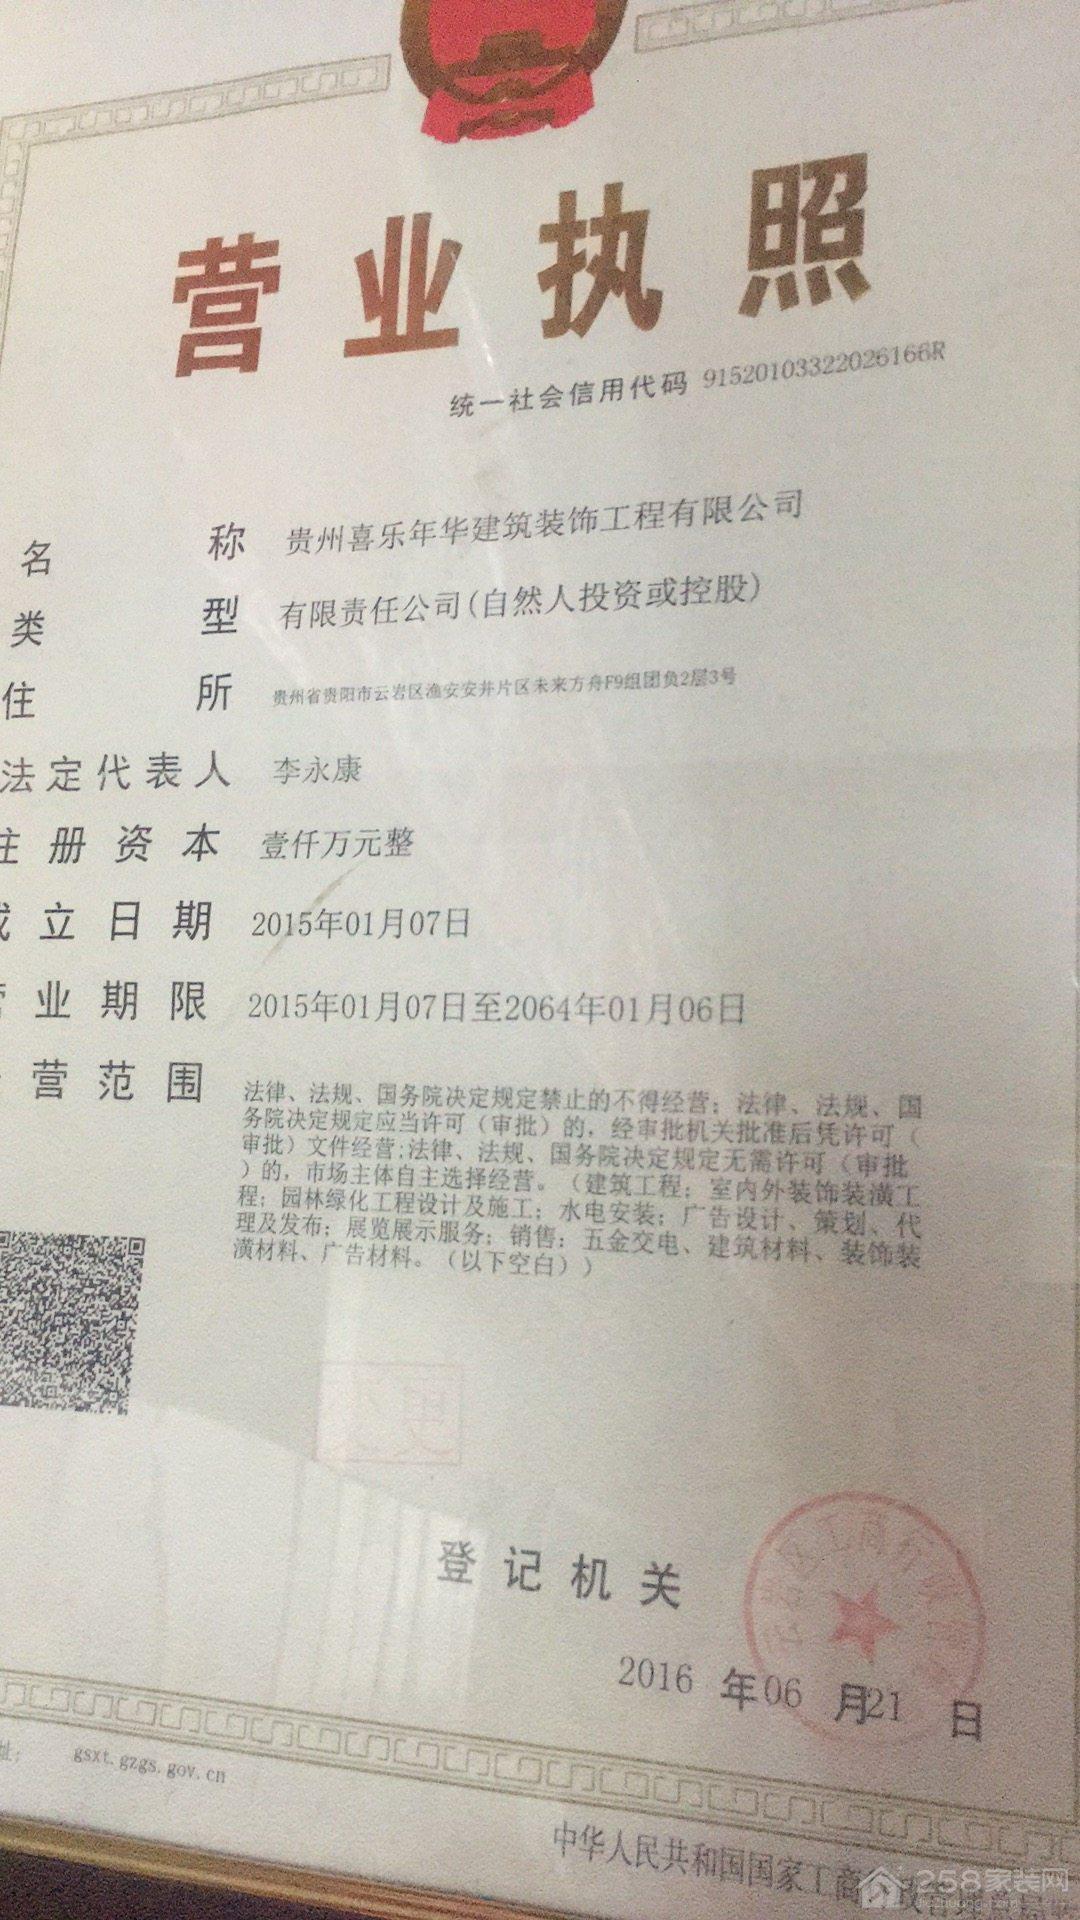 贵州喜乐年华建筑装饰工程有限公司